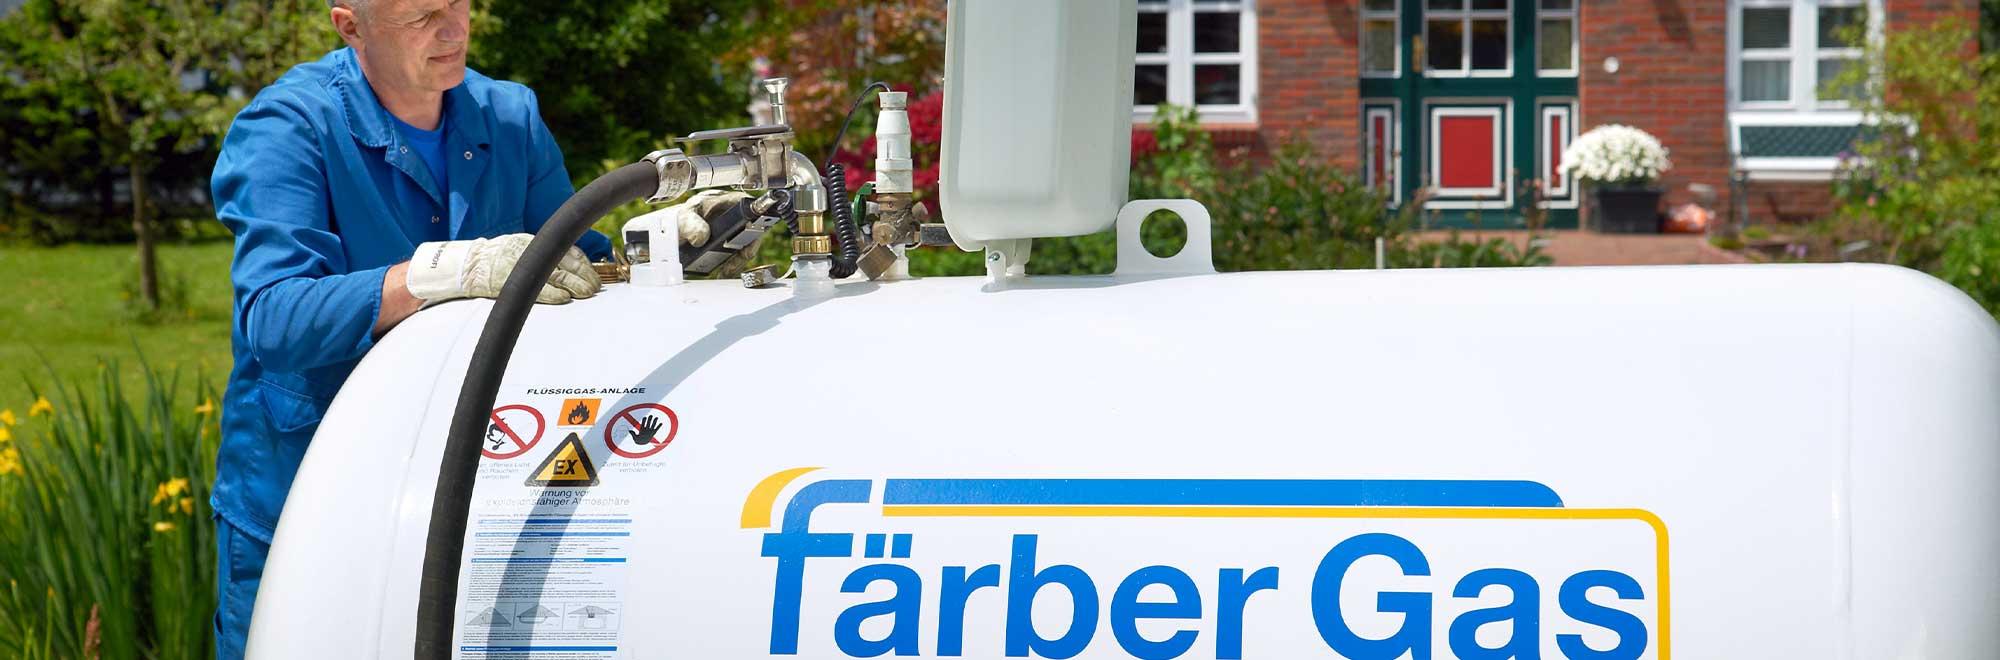 Färber Gas Flüssiggas Privatkunden Tankgas